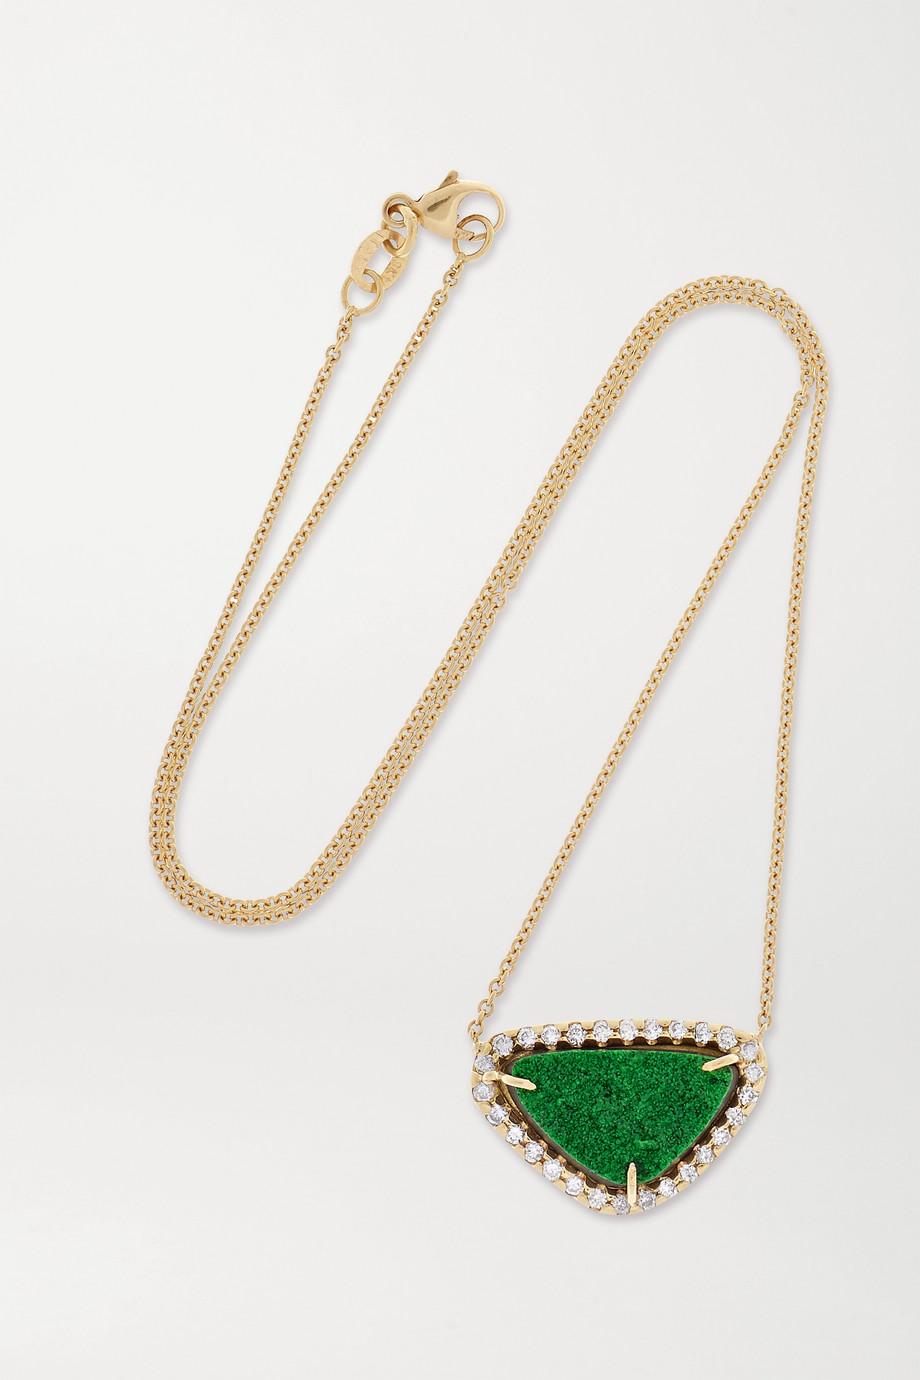 Kimberly McDonald Kette aus 18 Karat Gold mit Uwarowit und Diamanten